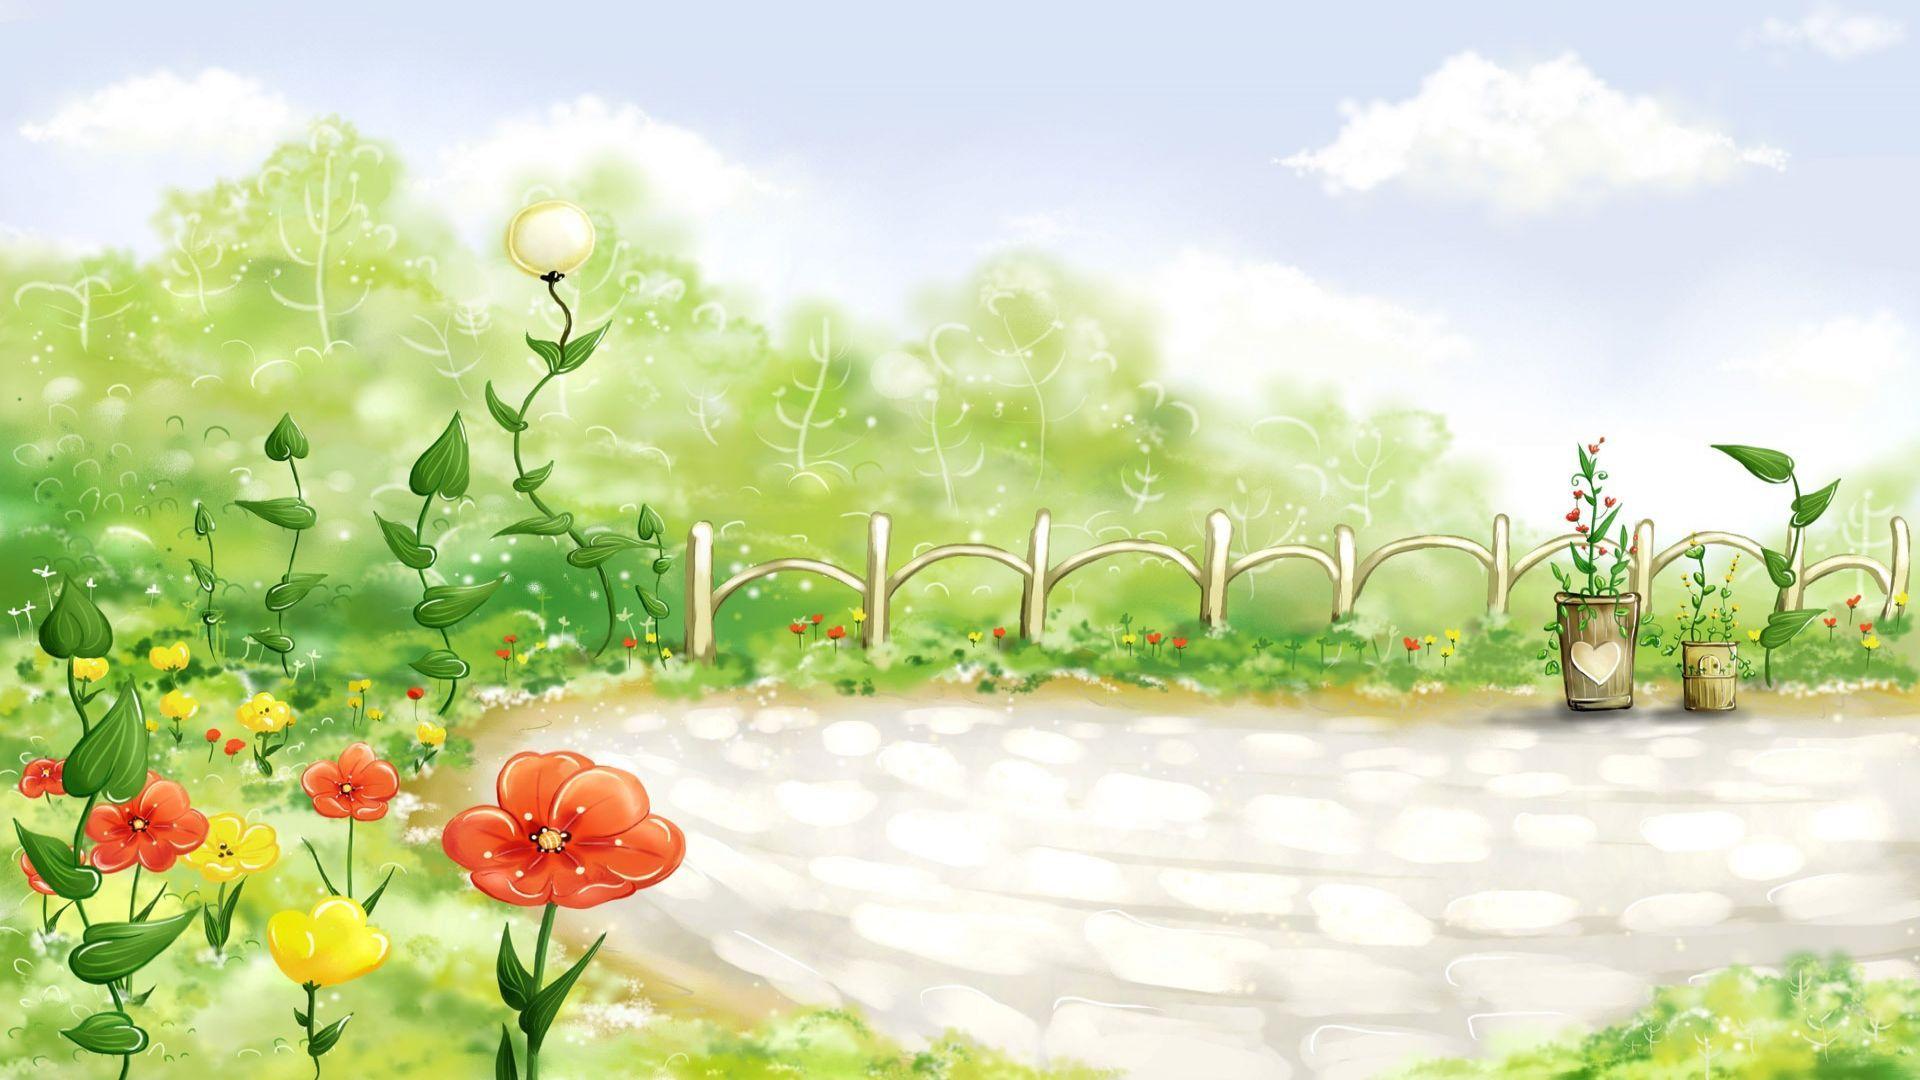 Free Spring Desktop Wallpaper | Spring 79, Free Wallpapers, Free ...